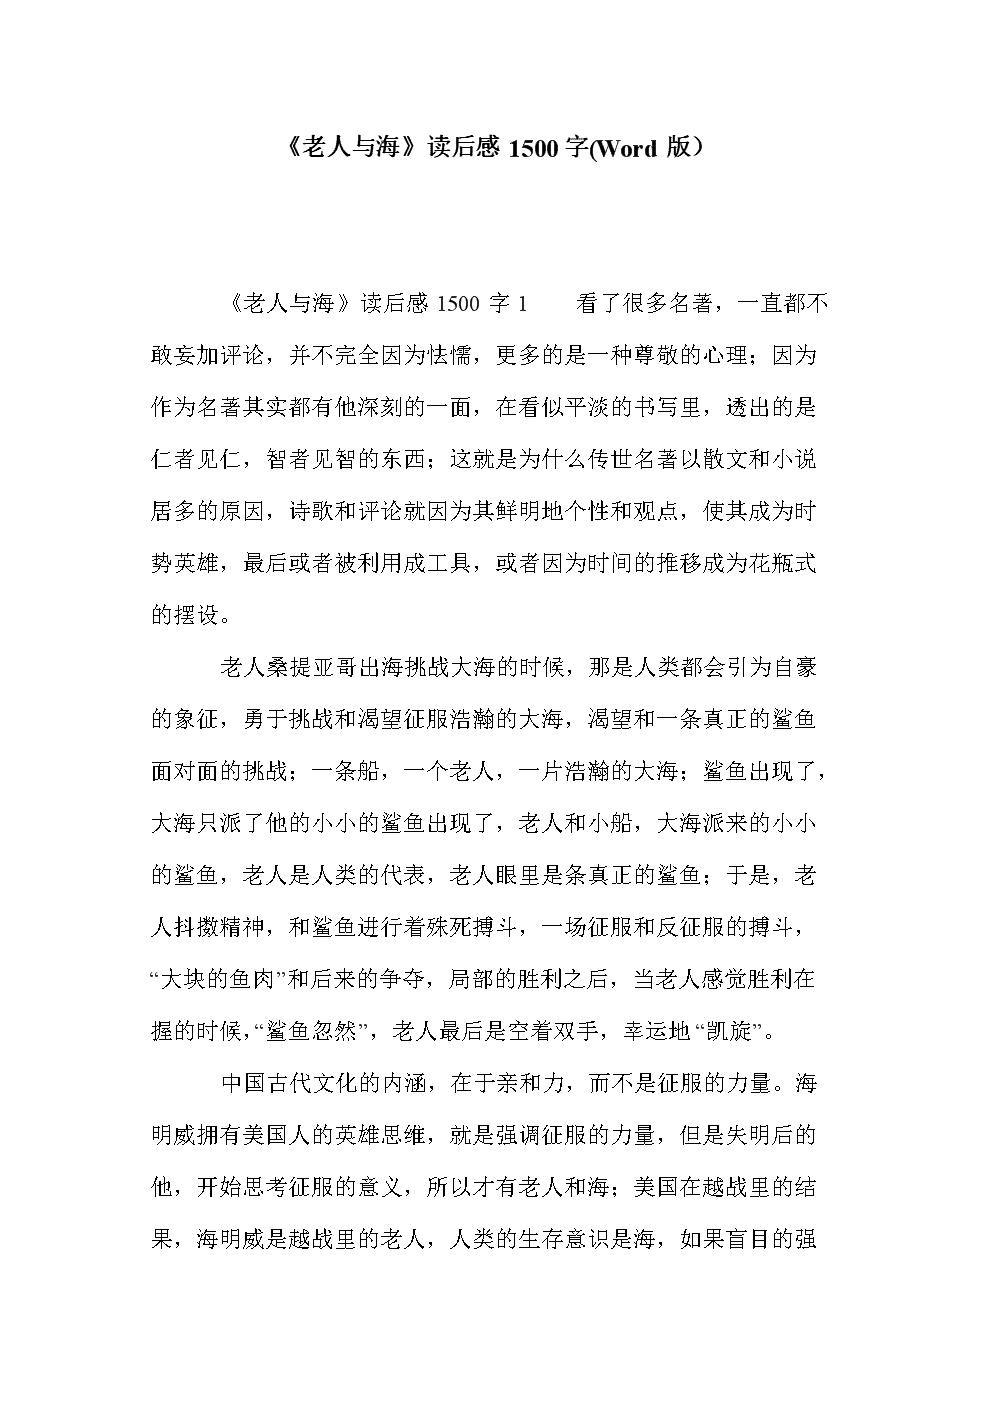 《老人与海》读后感1500字(Word版).doc